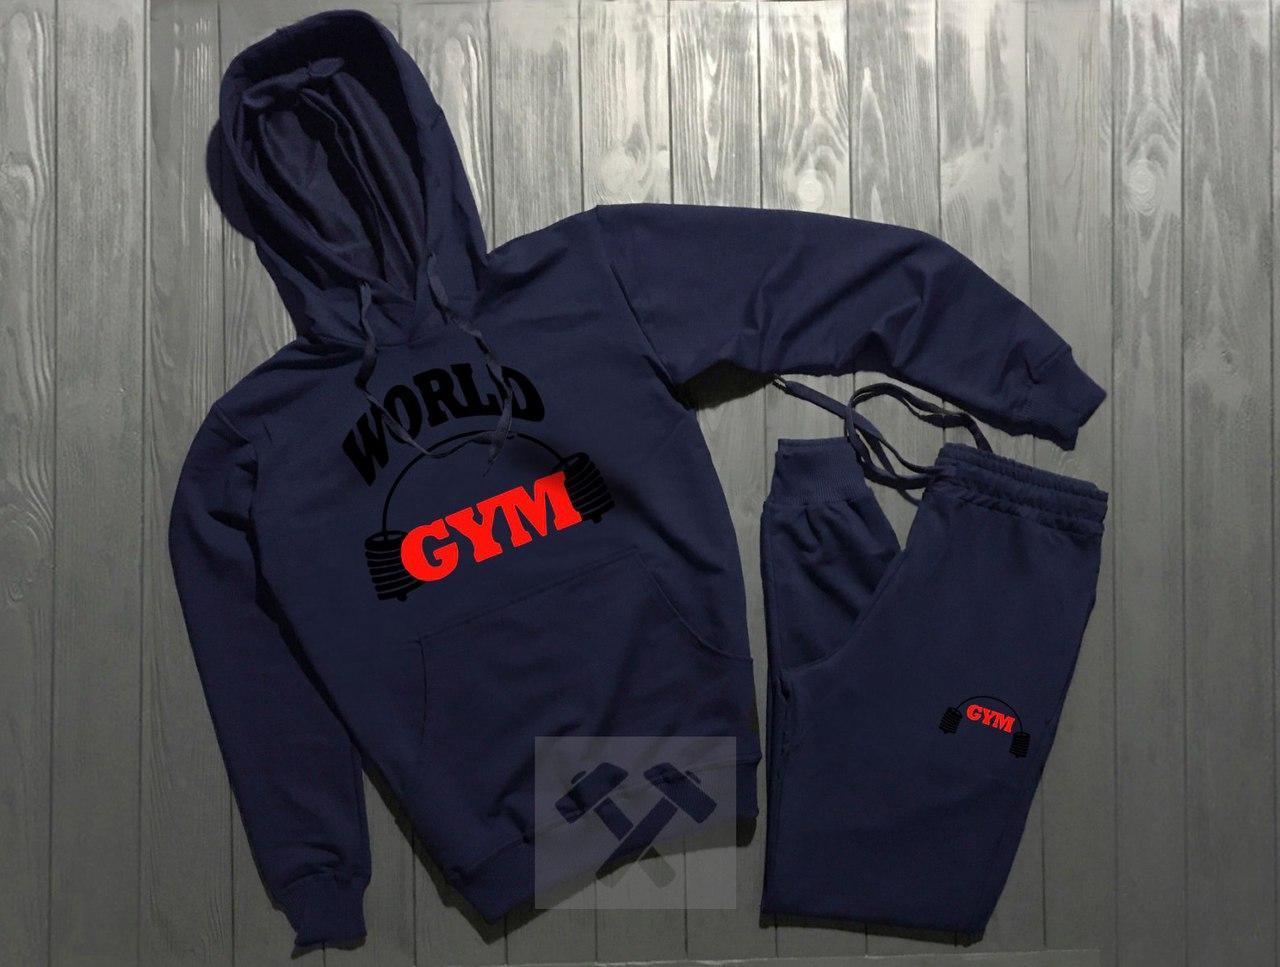 Весенний костюм спортивный World Gym с капюшоном топ реплика